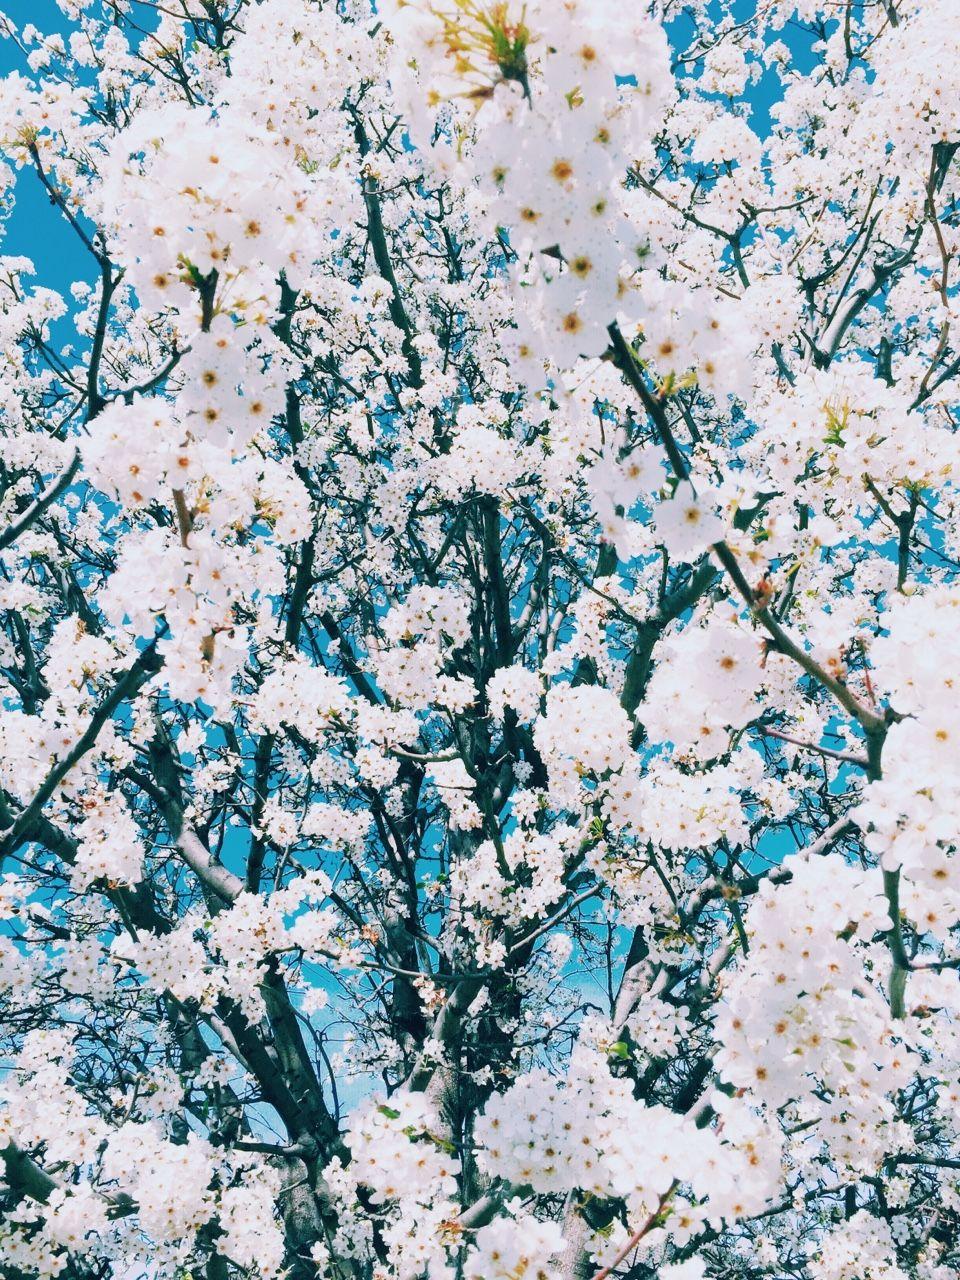 White Flower Aesthetic Tumblr